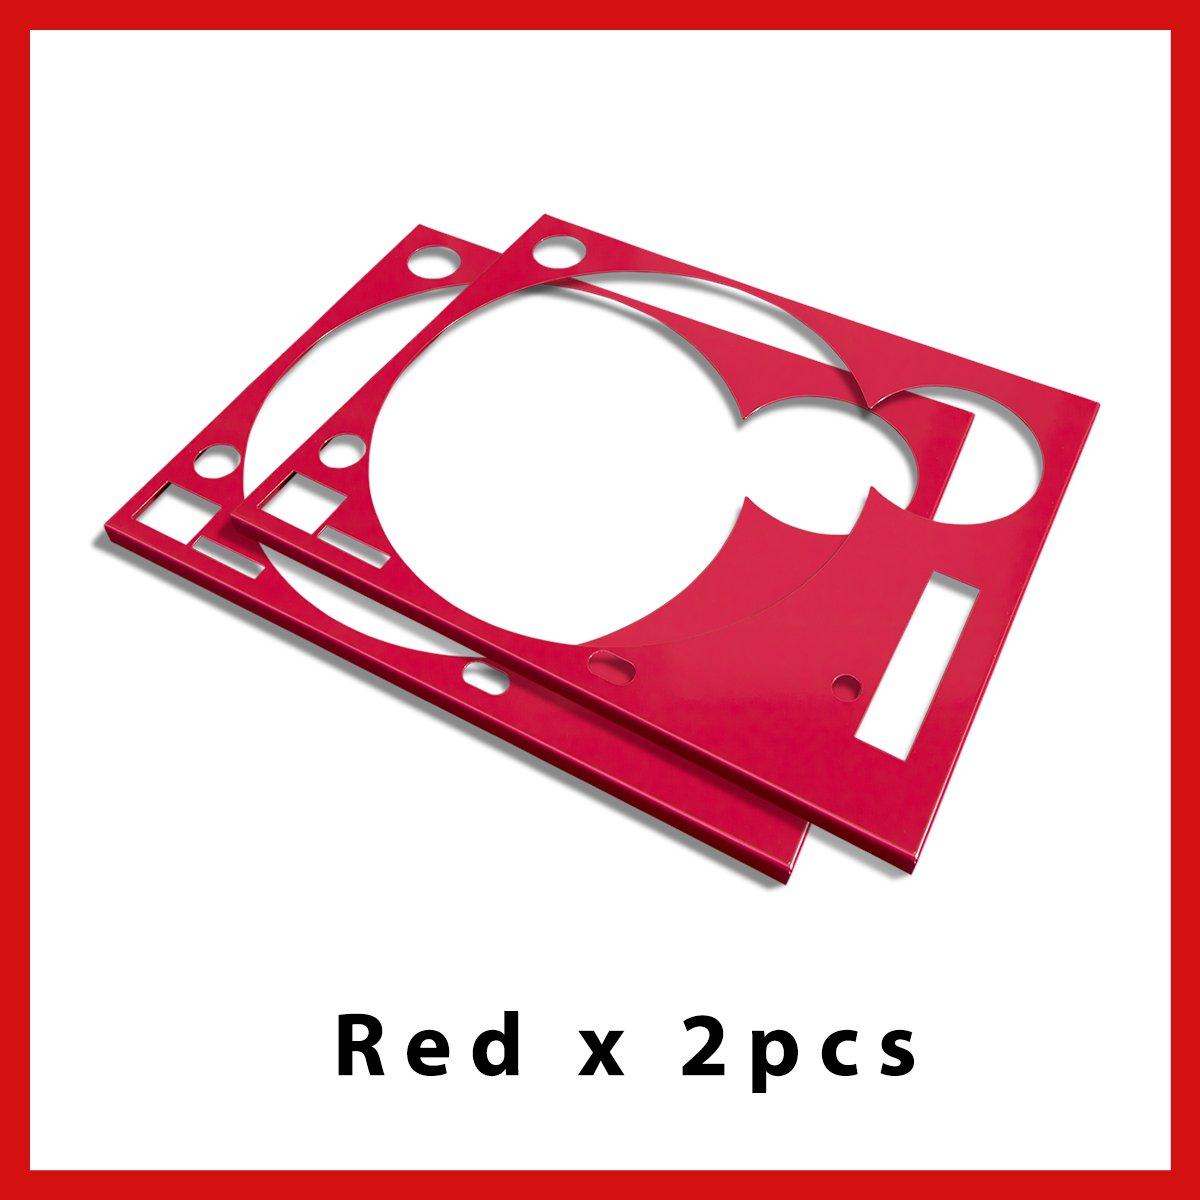 * ターンテーブル カバー (Faceplate)* レッド  2枚組 (for Technics SL-1200 MK3D・MK5・MK6)